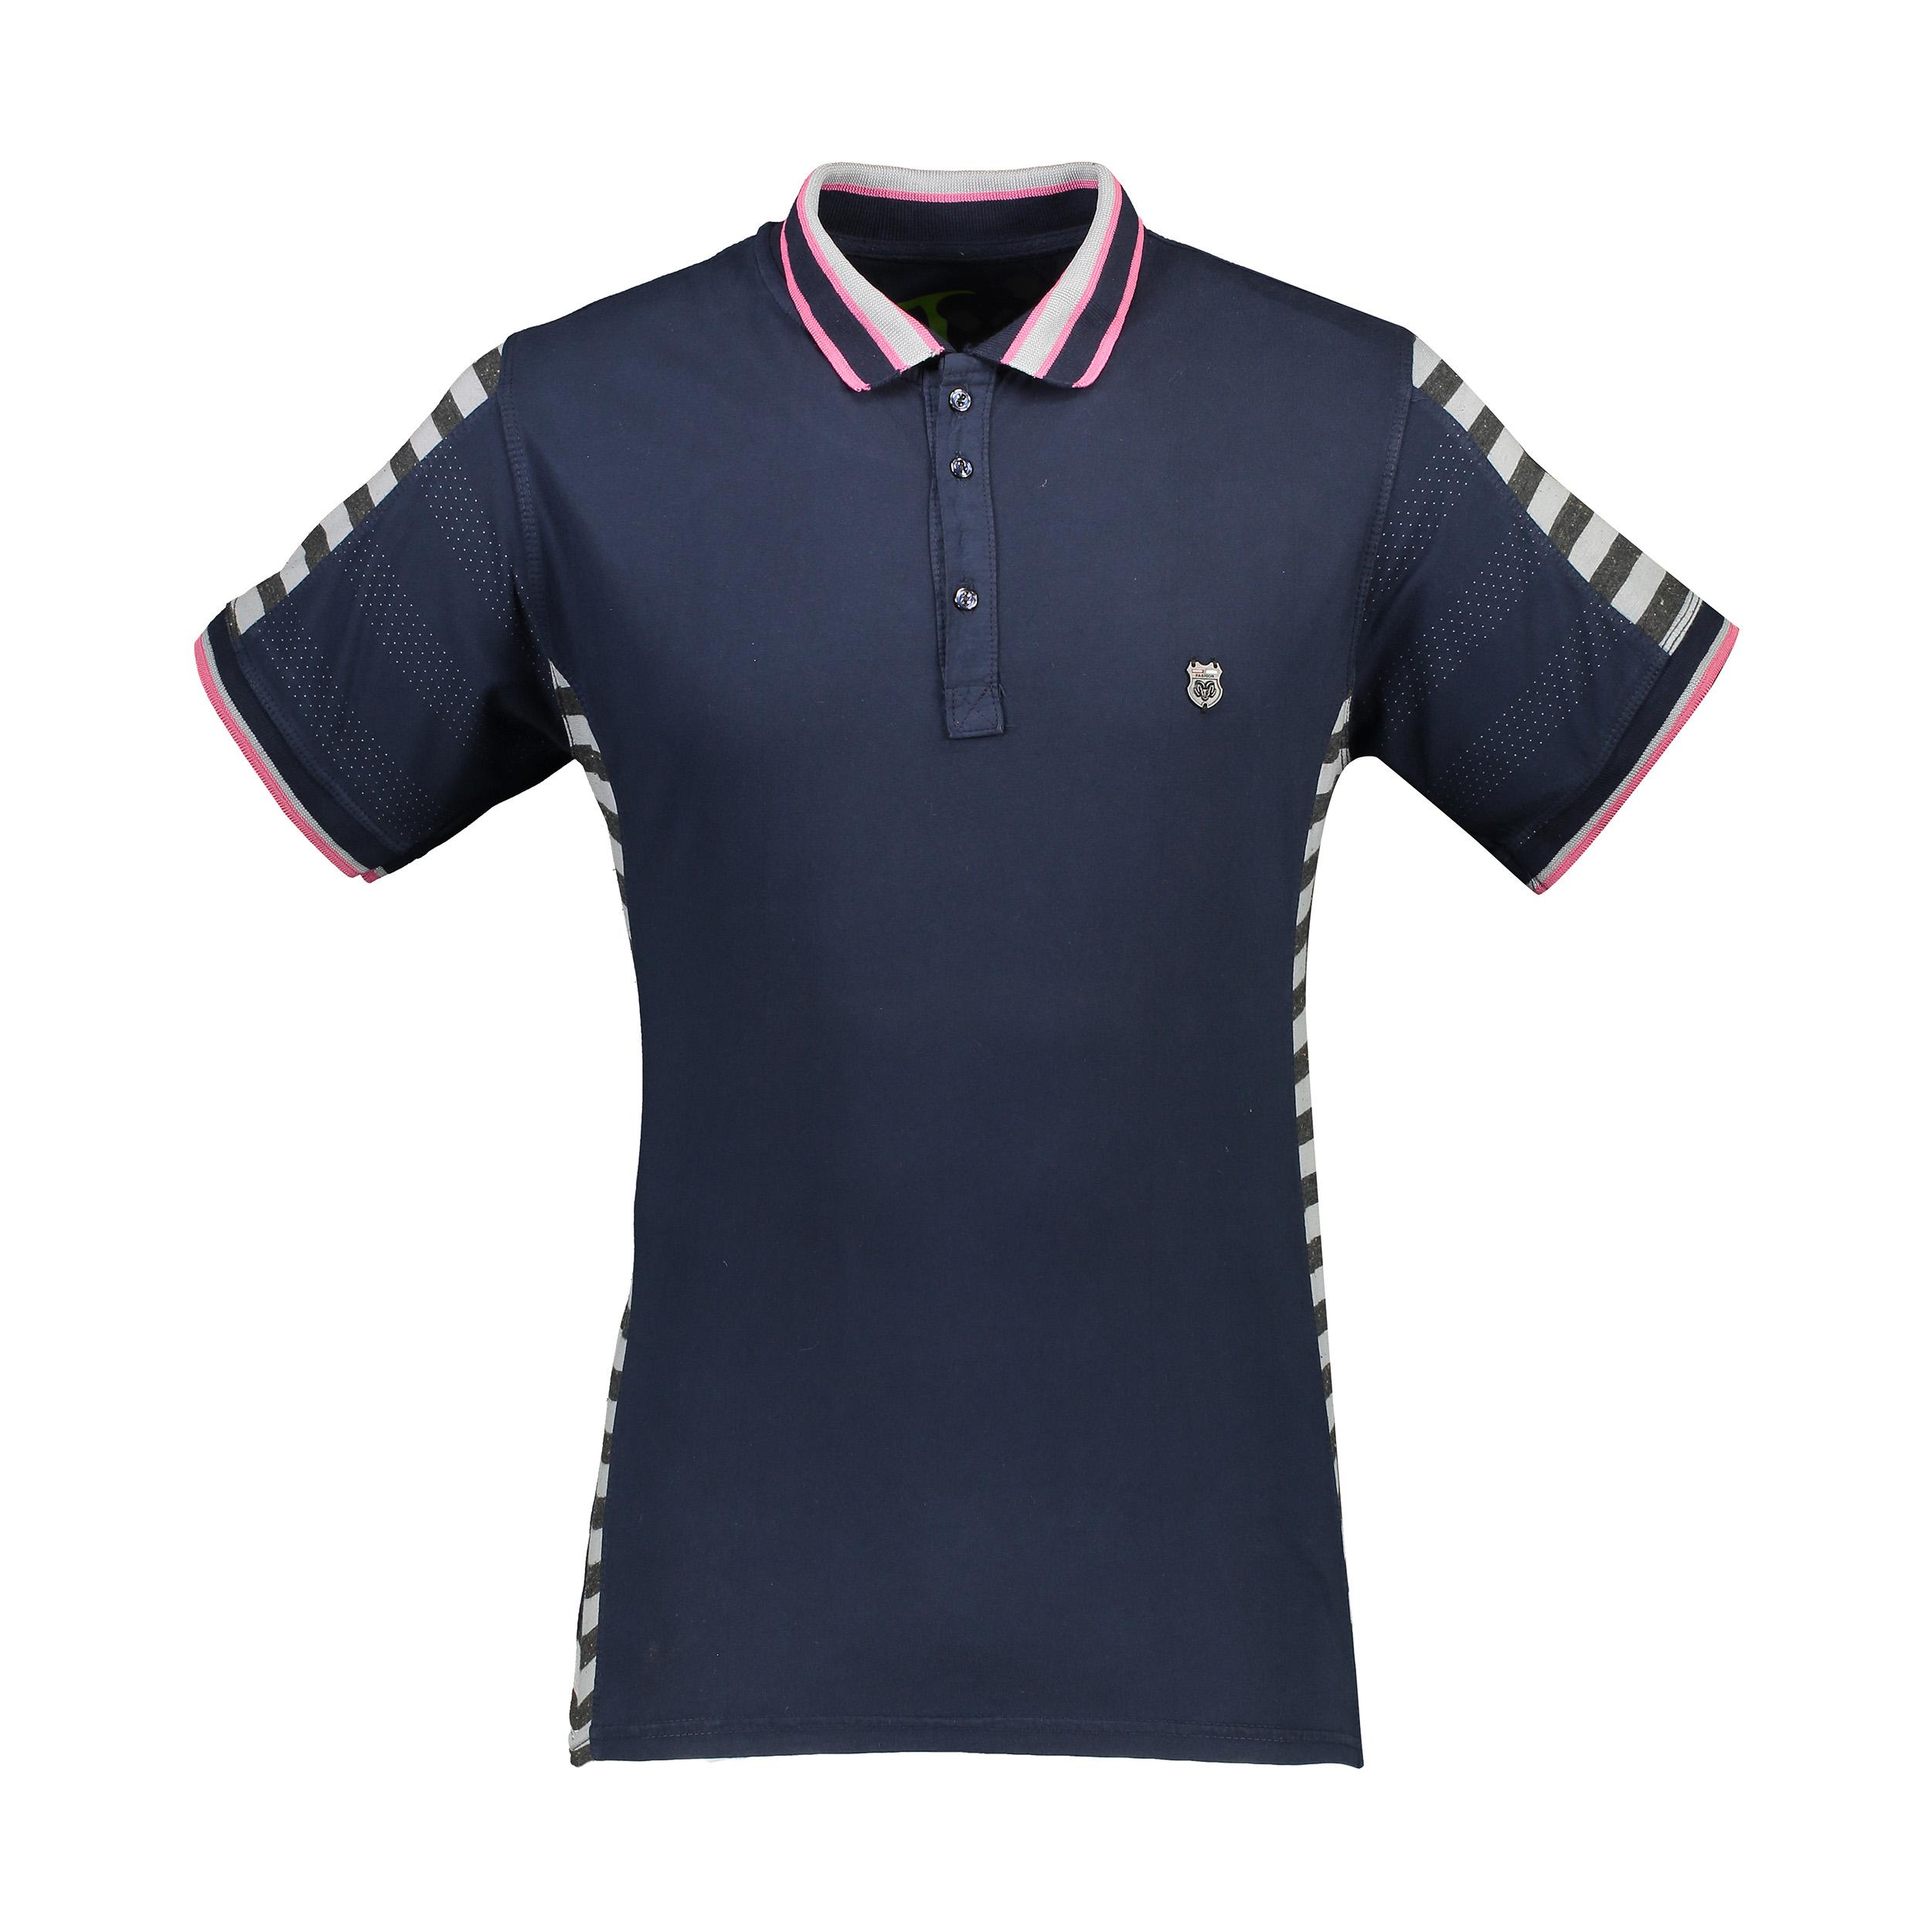 تی شرت آستین کوتاه مردانه تی اس کد btt 313-1